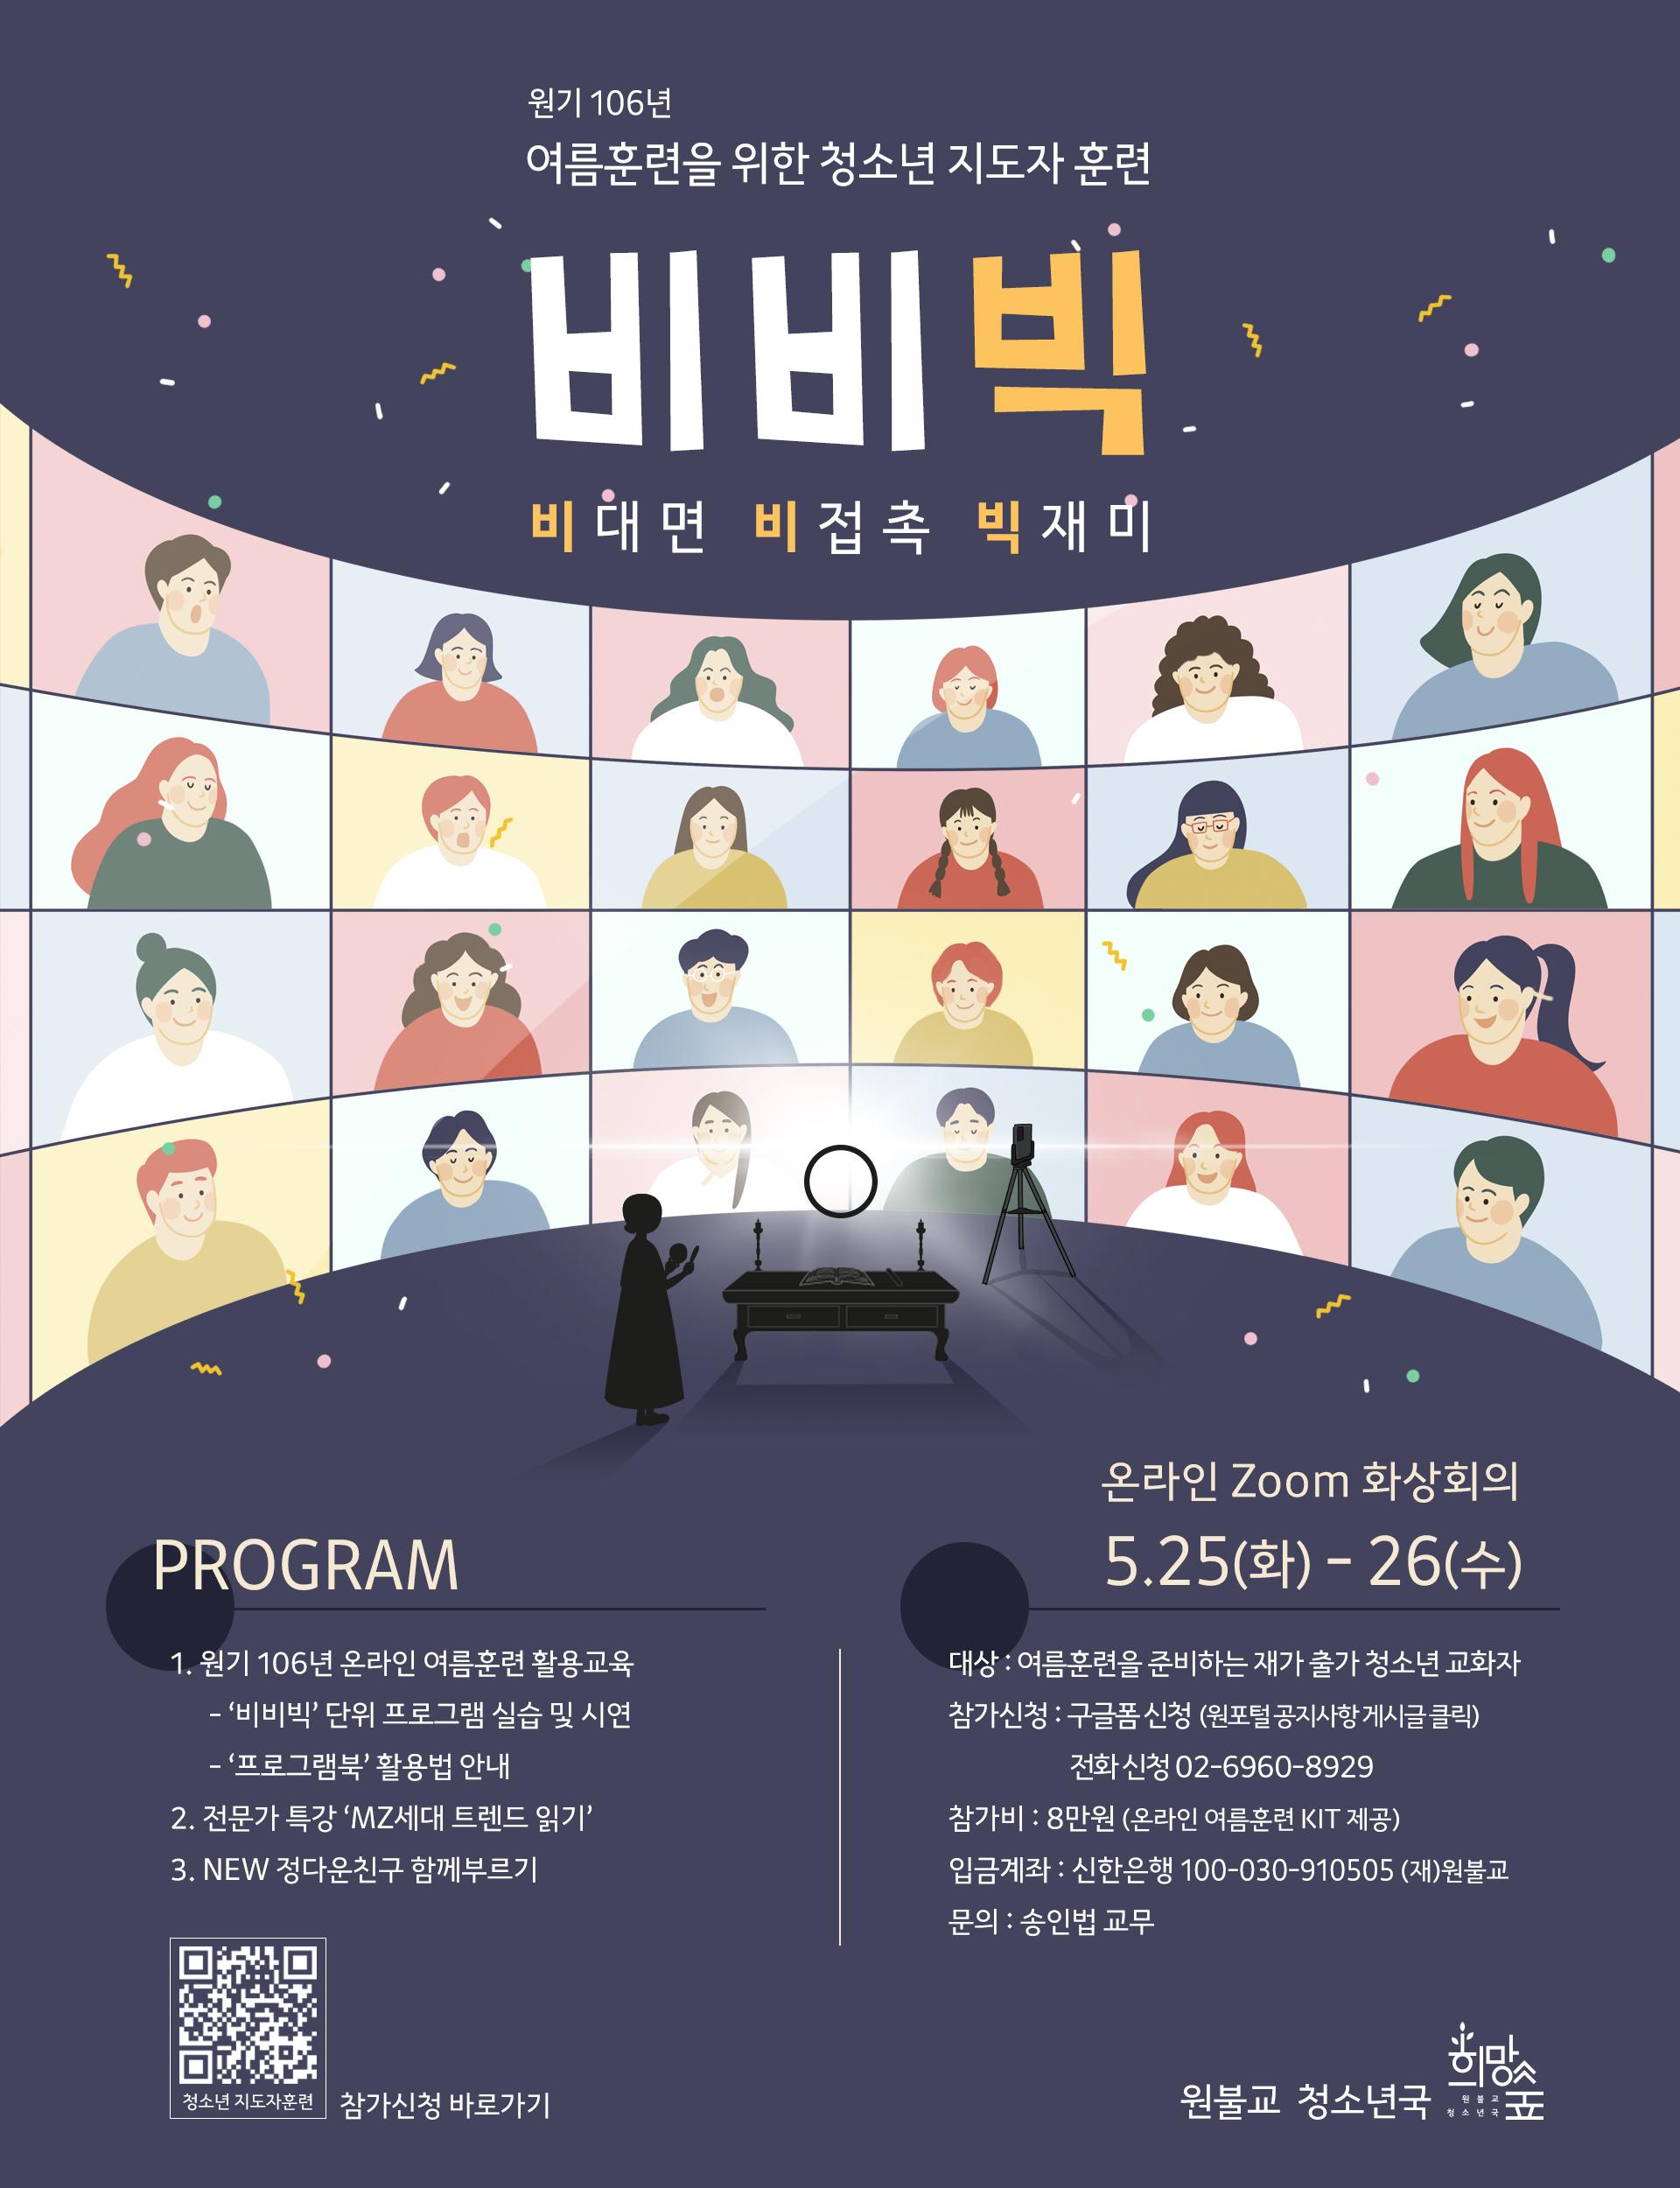 원기 106년 청소년 지도자 훈련 포스터.jpg